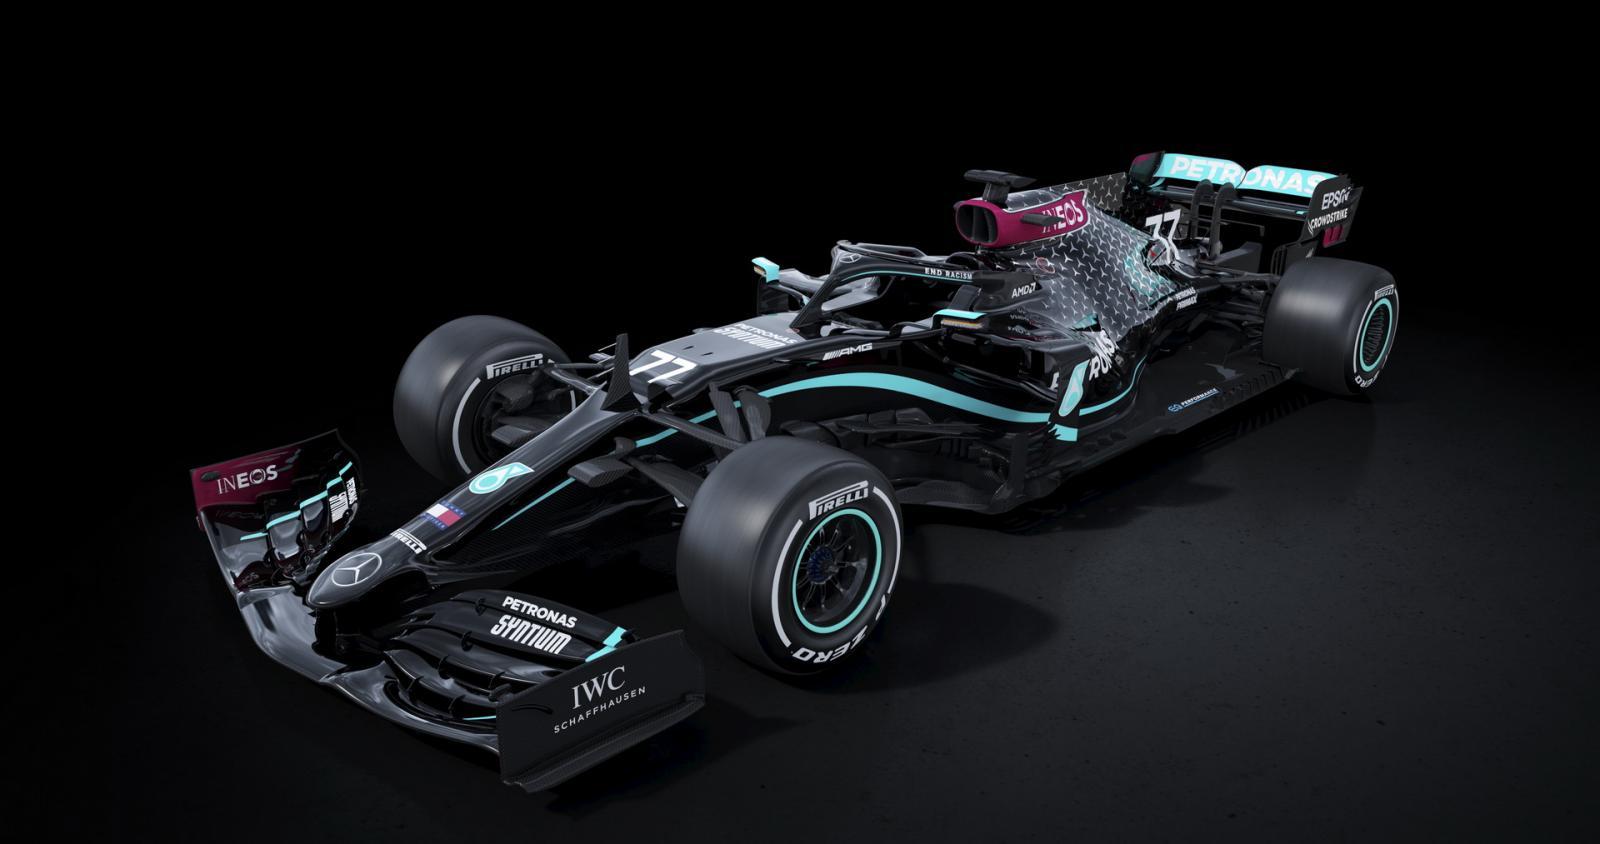 Mercedes-AMG Petronas W11